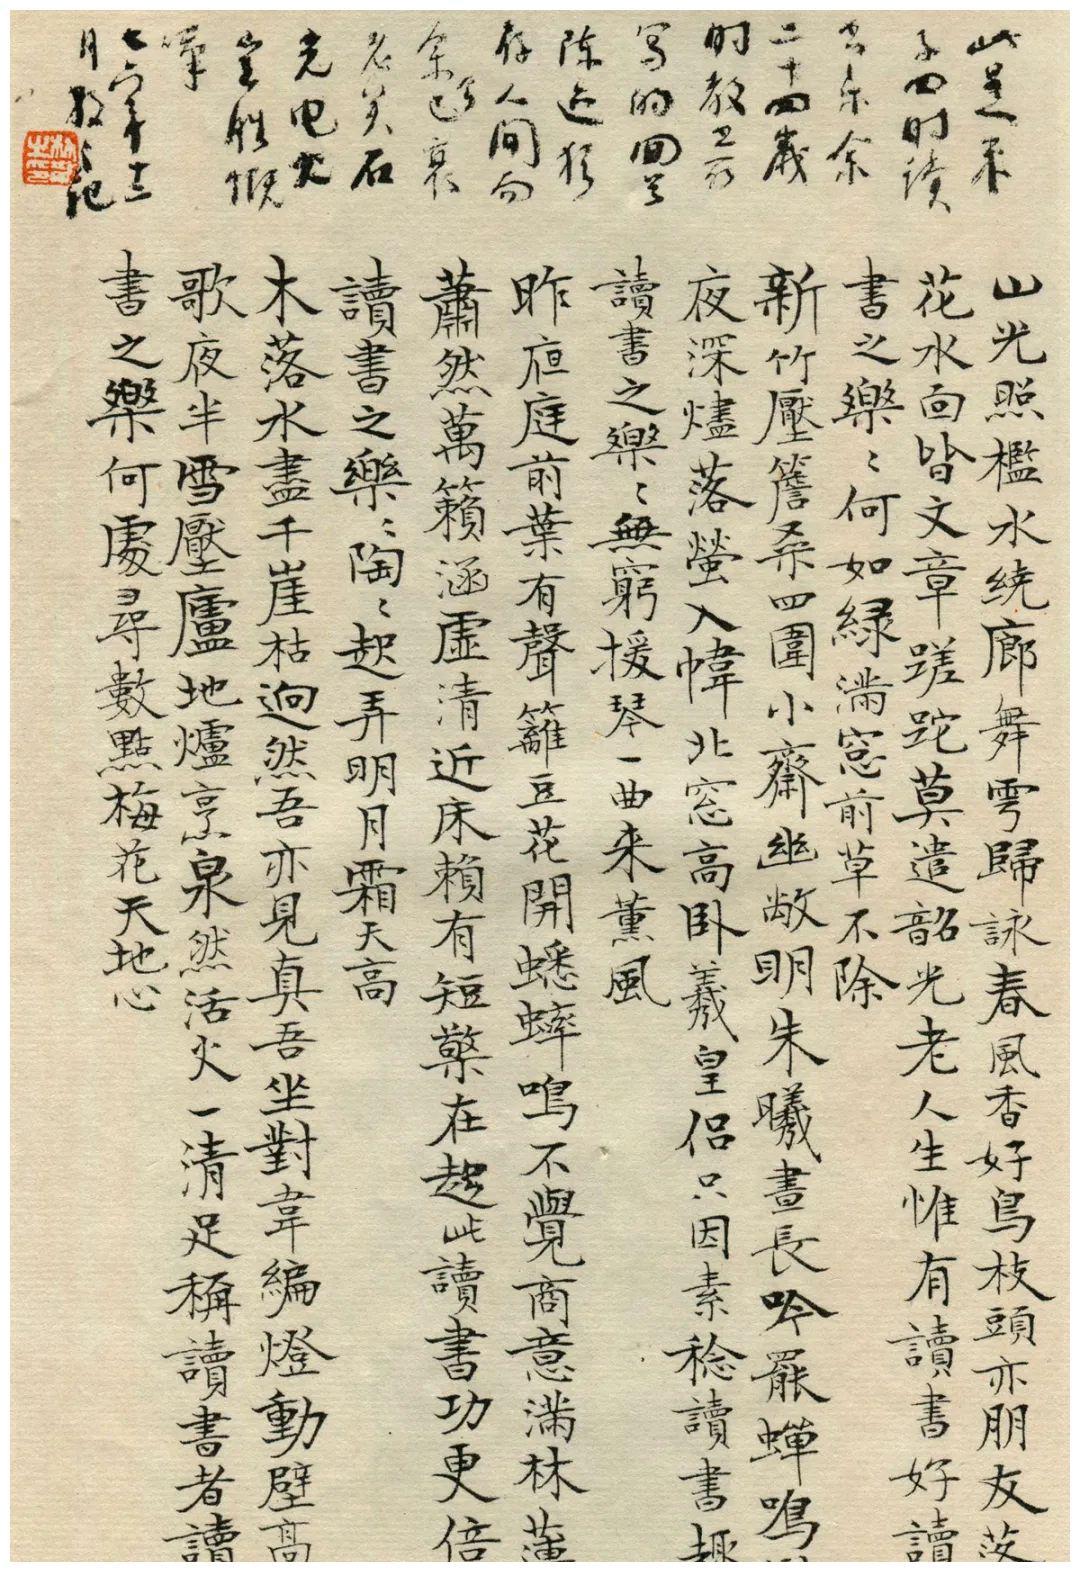 """当代""""草圣""""林散之24岁写的小楷,高清放大版"""